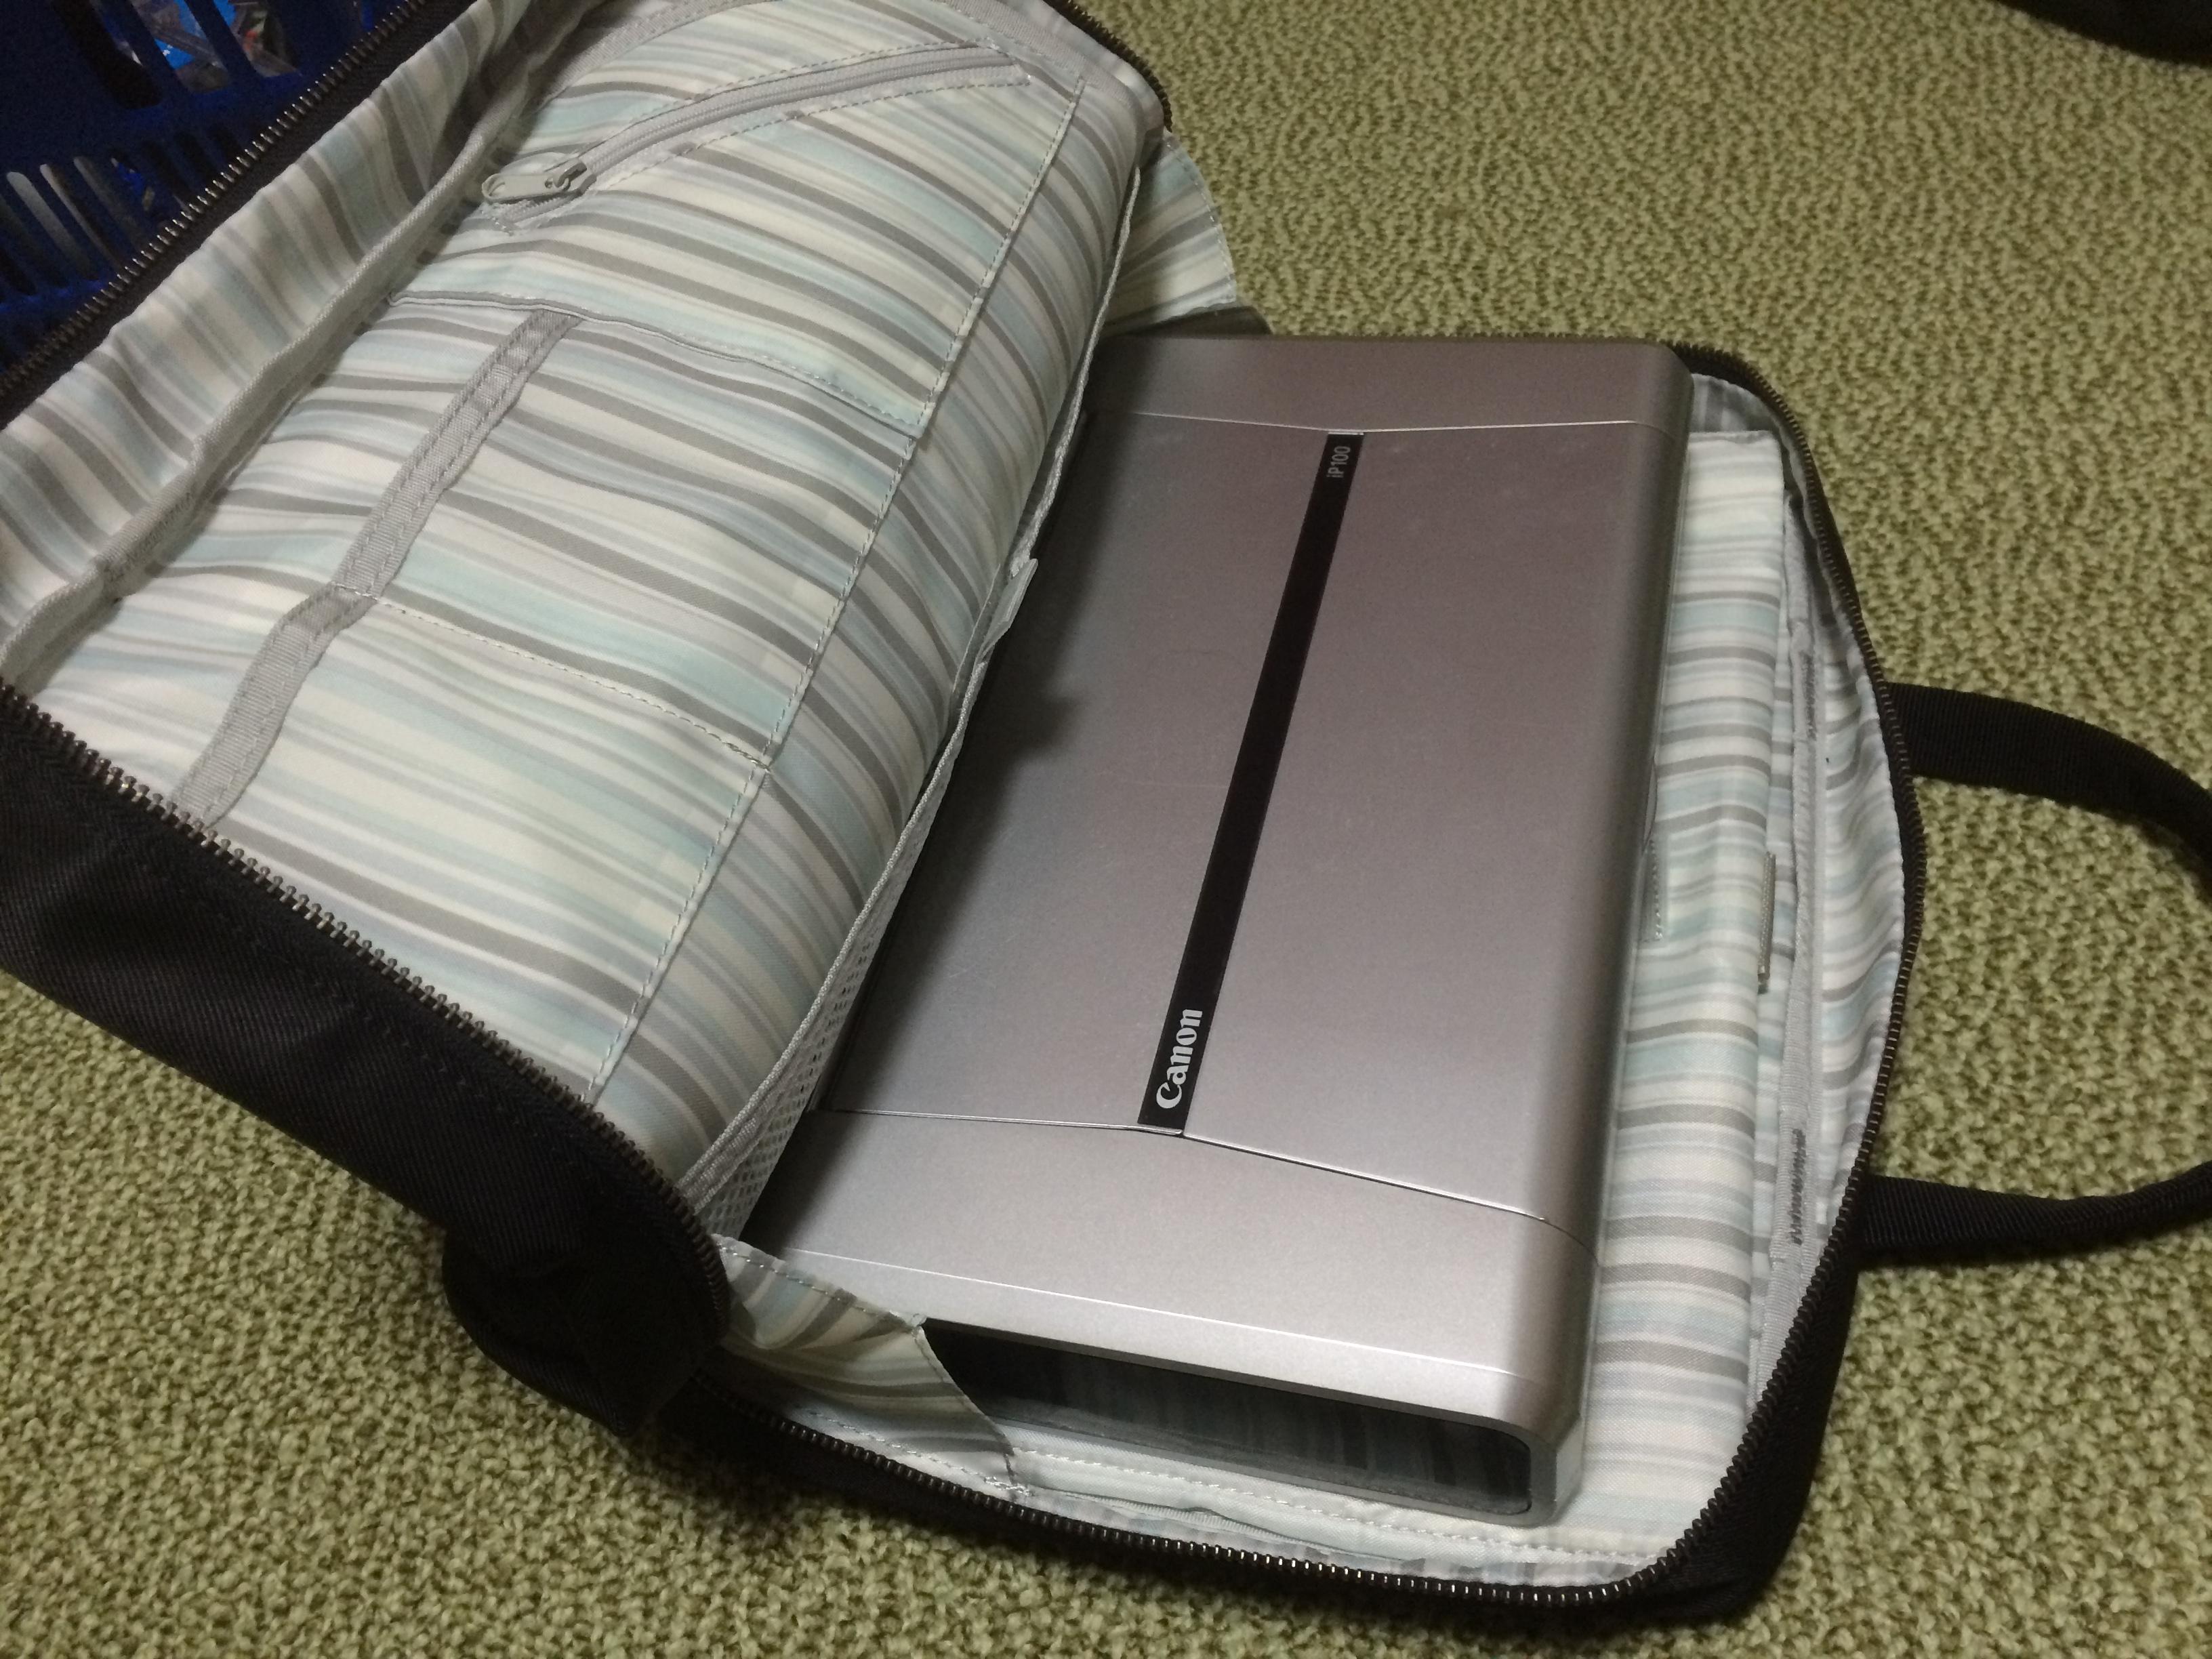 ちょっと変わった旅アイテム!モバイルプリンターCanonのiP100は写真好きな旅人にぴったり